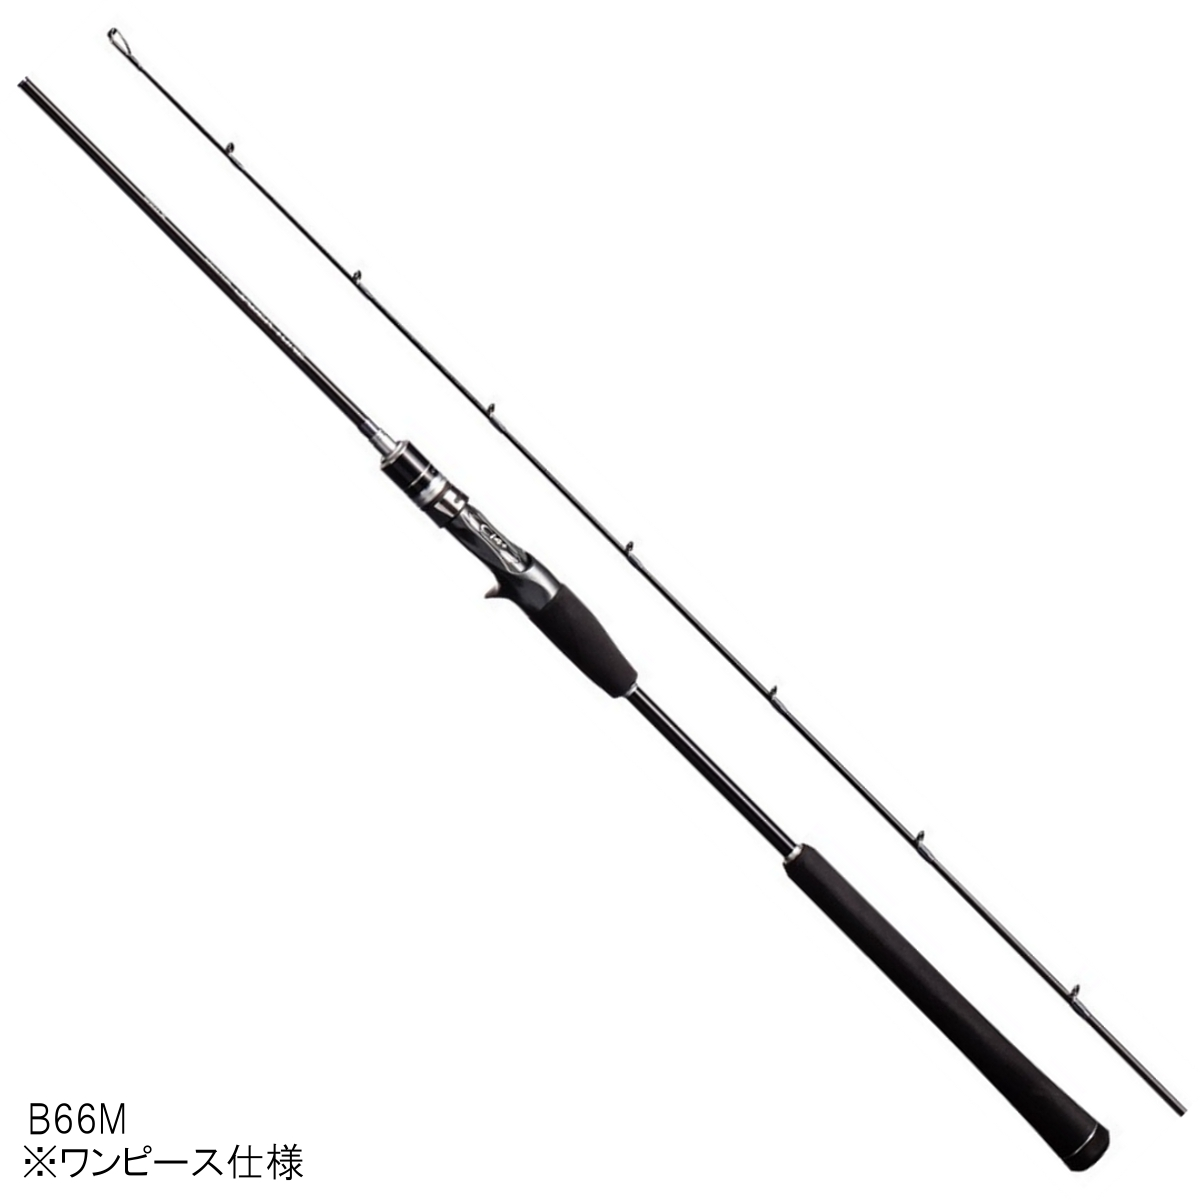 シマノ ゲームサーベルチューン B66M【大型商品】